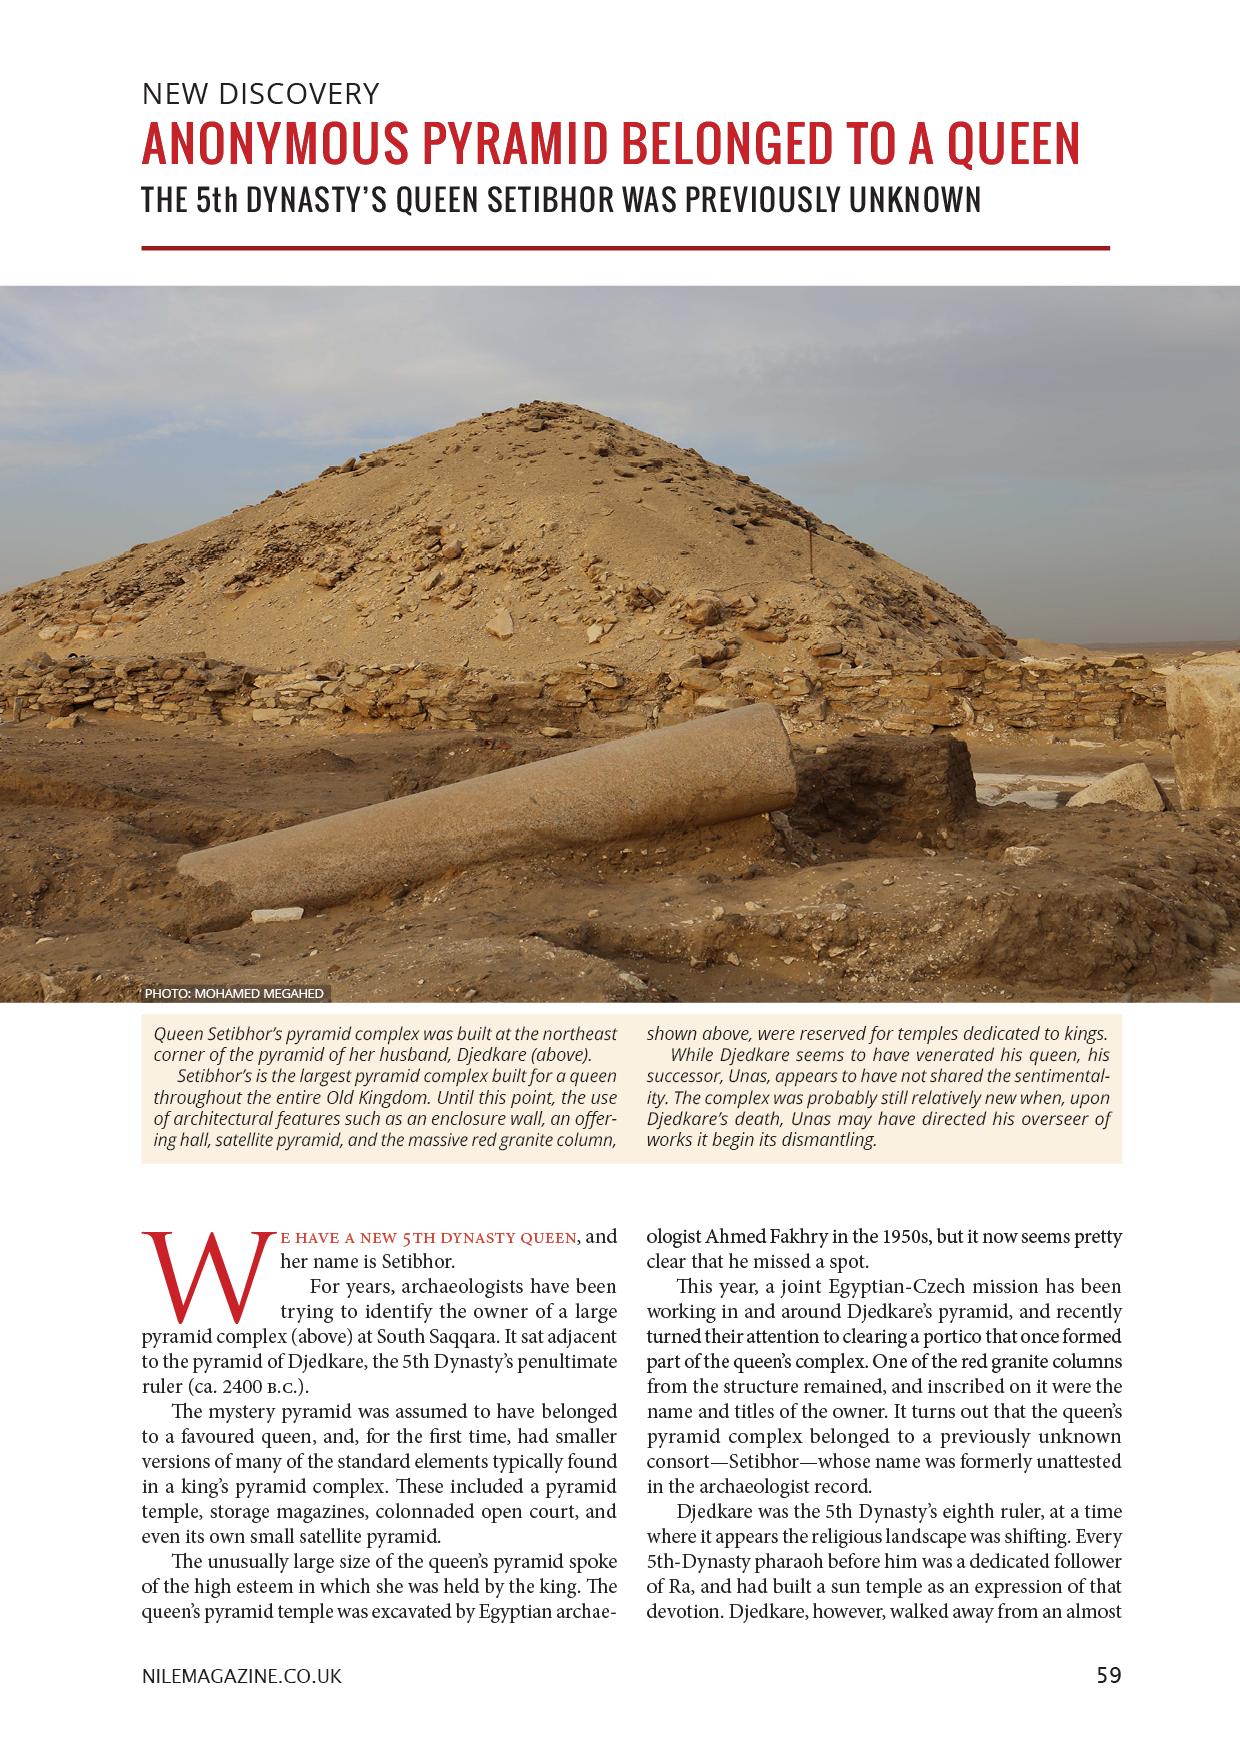 Nile 19, South Saqqara discoveries 1 1A.jpg